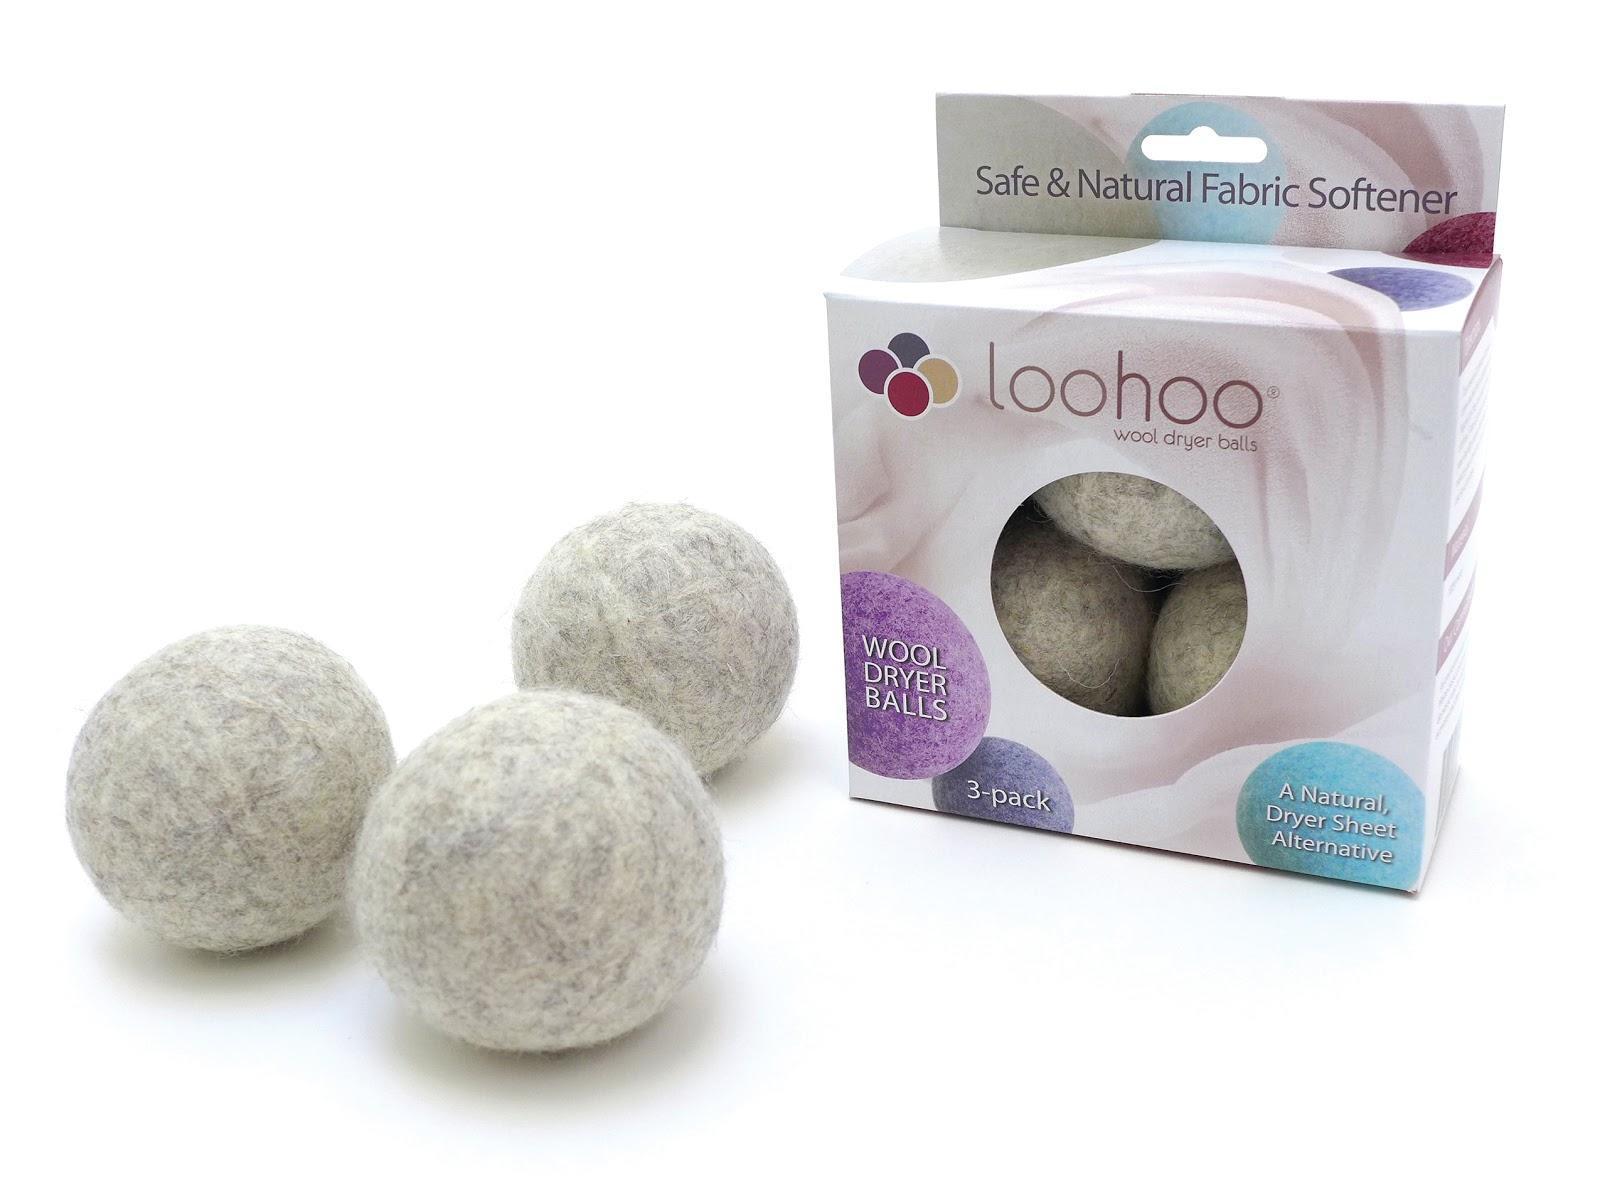 loohoo dryer balls